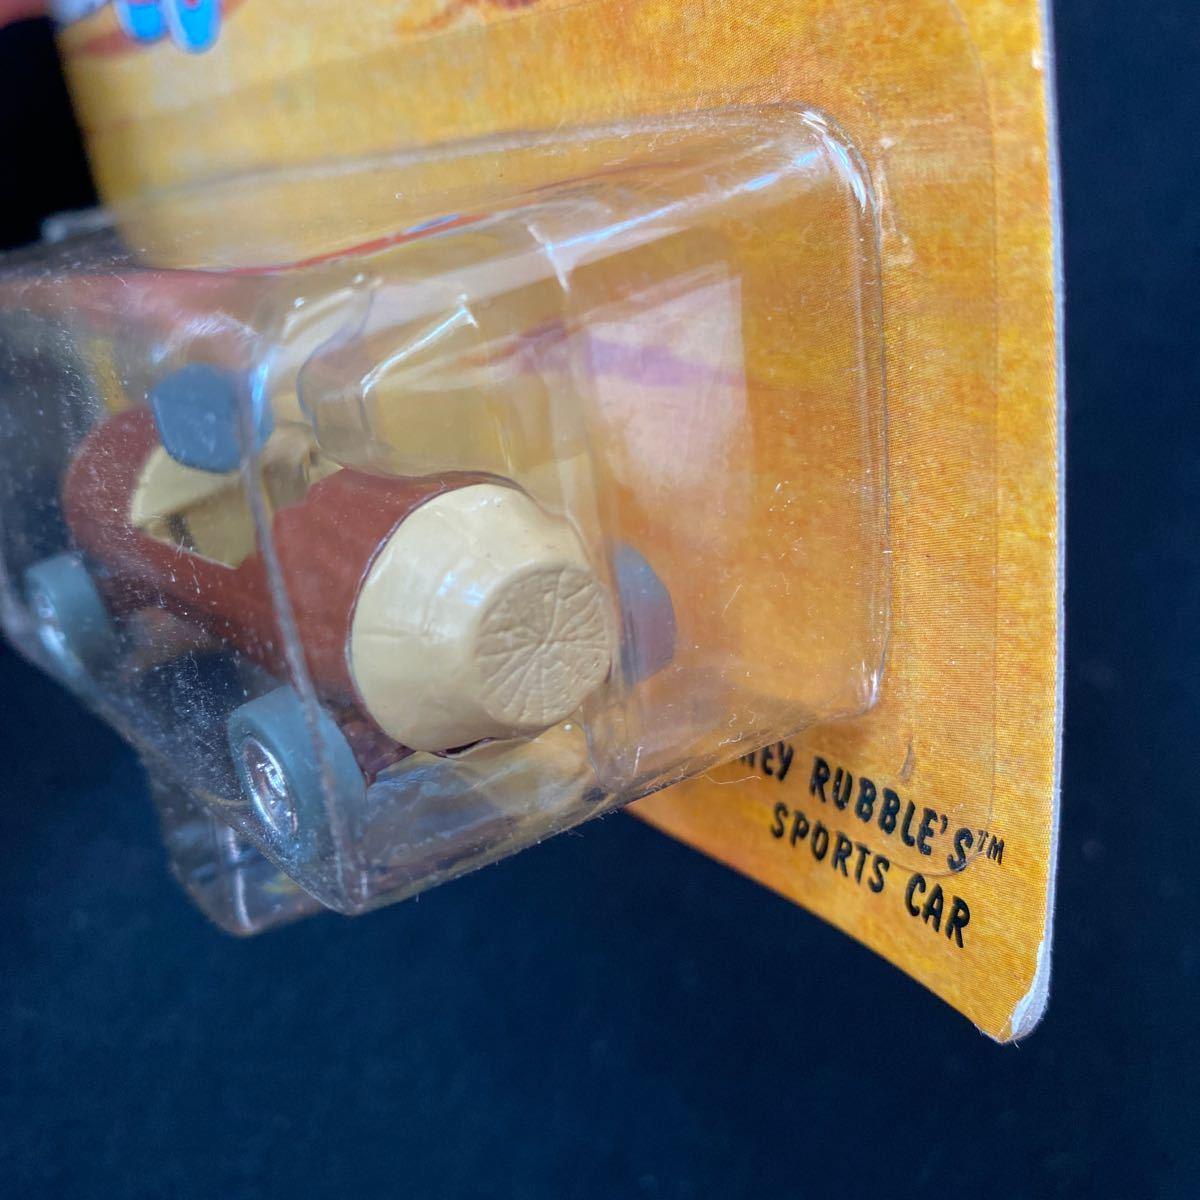 ジョニー ライトニング Johnny Lightning Cartoon Network Flintstones フリントストーンズ ミニカー アニメ カートゥーン アメリカ 漫画_画像4